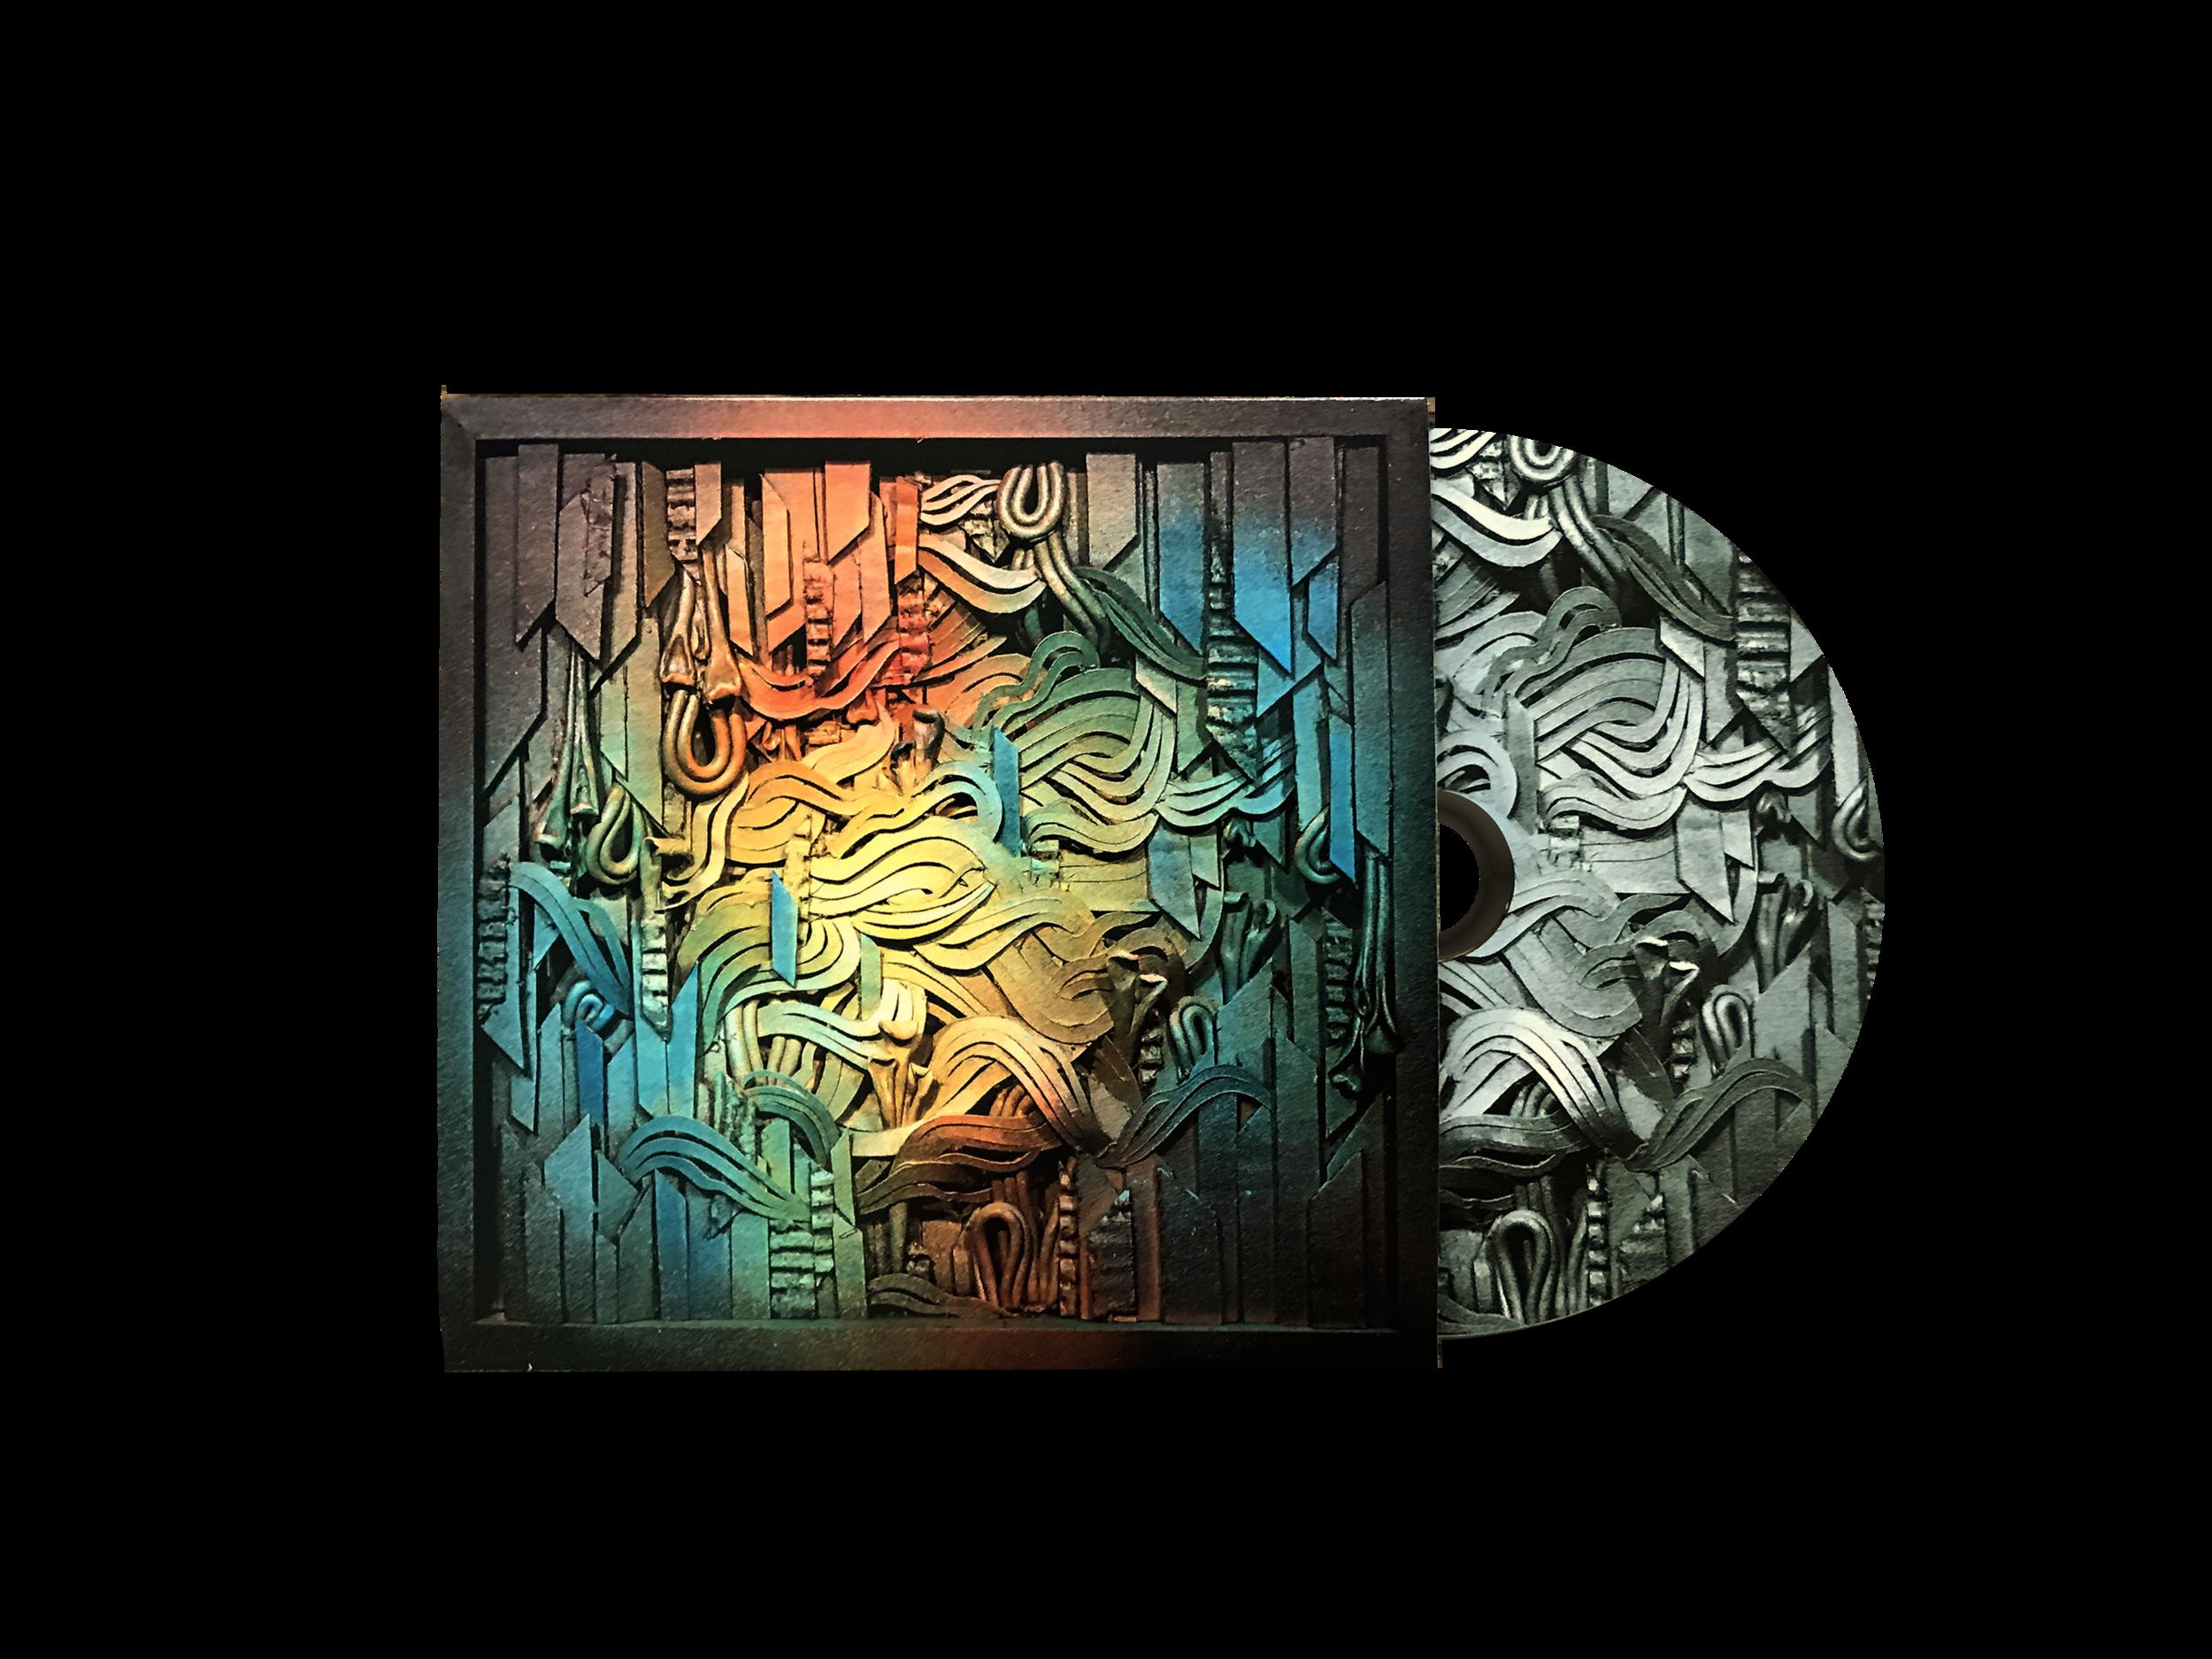 EV CD image2.png